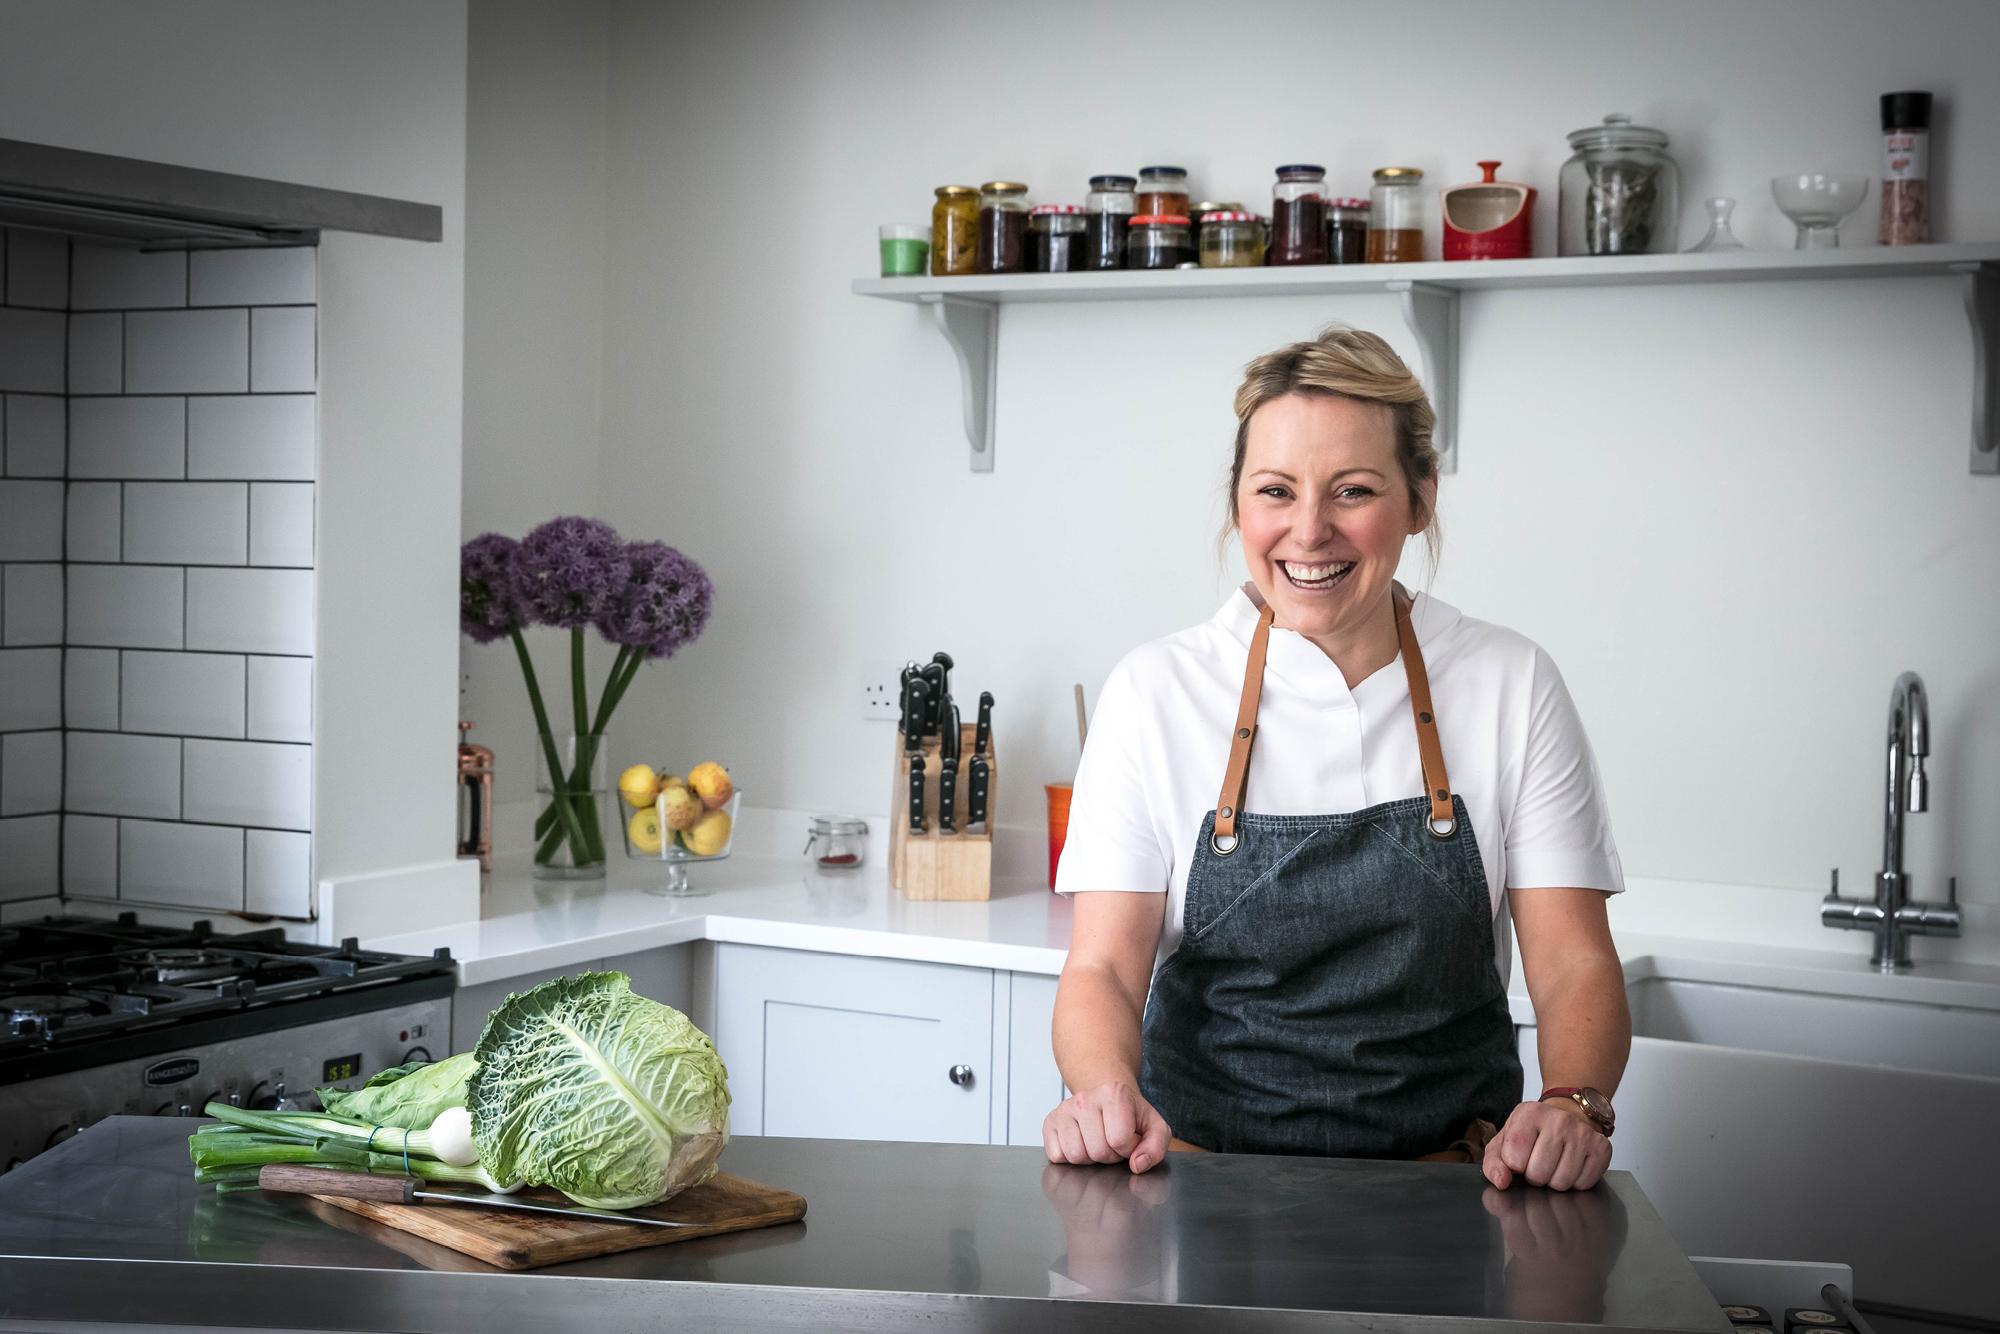 Chef Anna Haugh